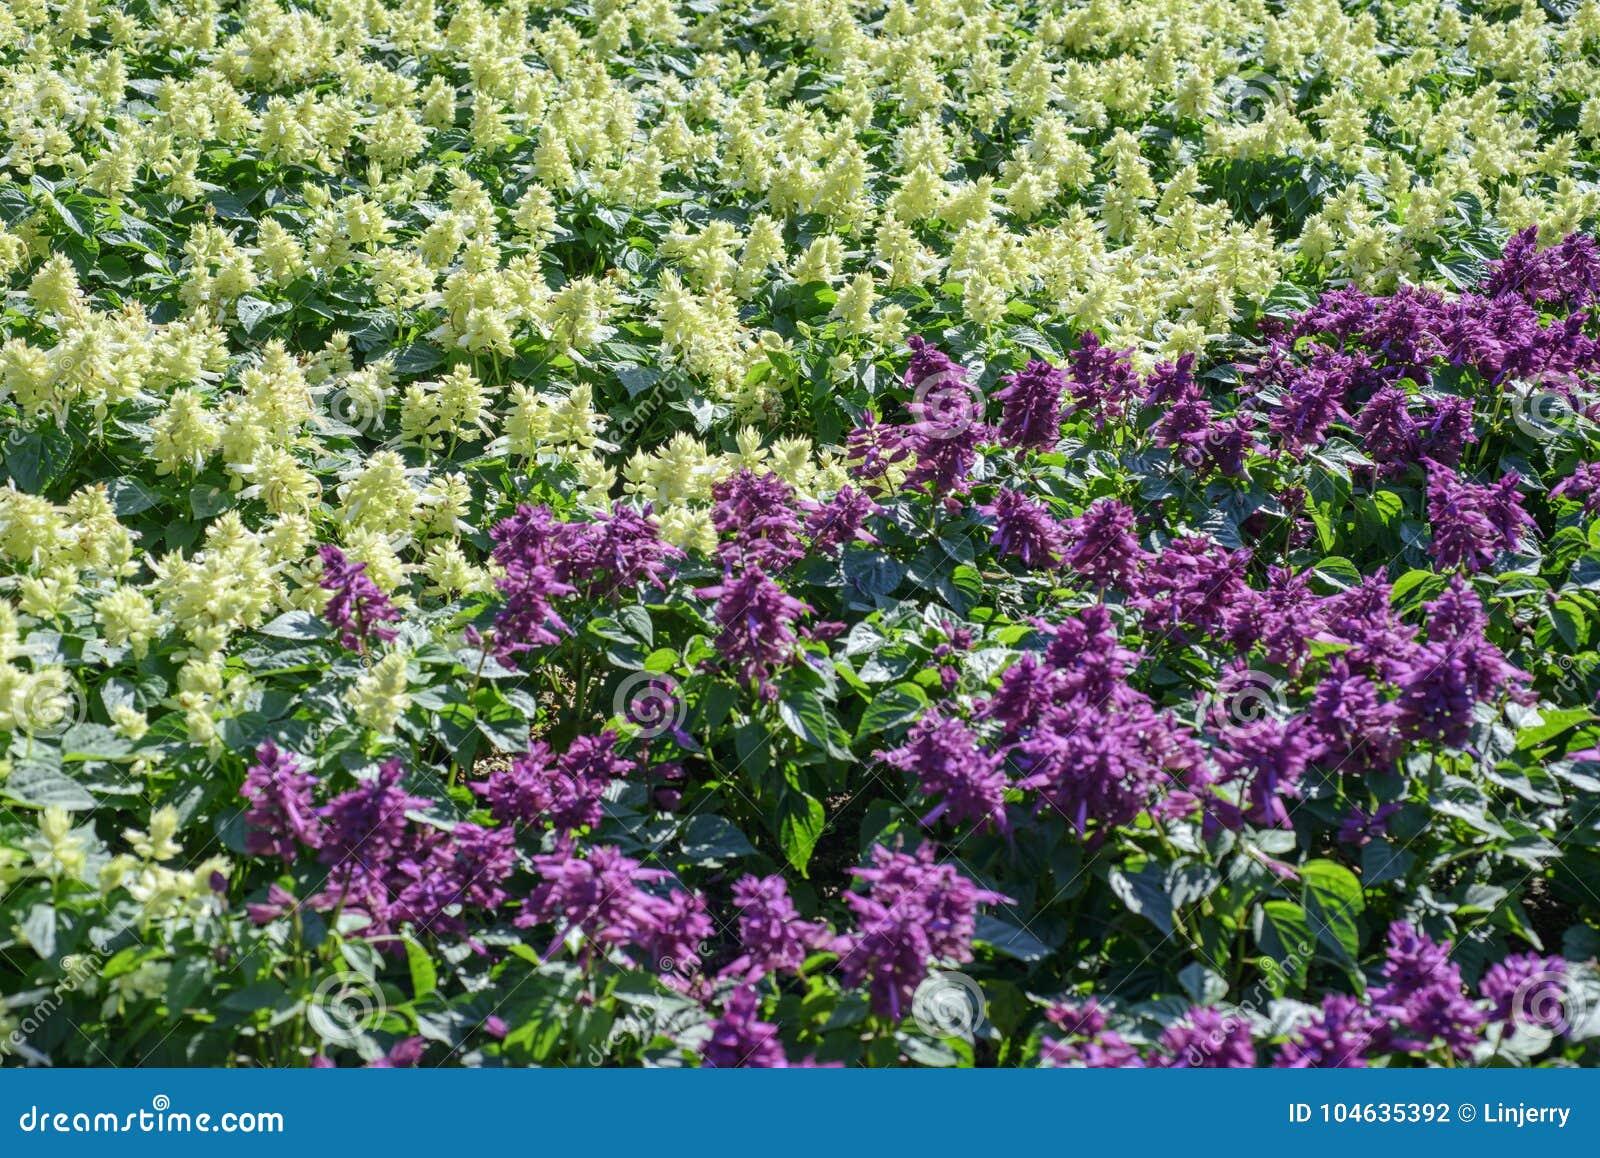 Download Salvia splendens bloem stock foto. Afbeelding bestaande uit licht - 104635392